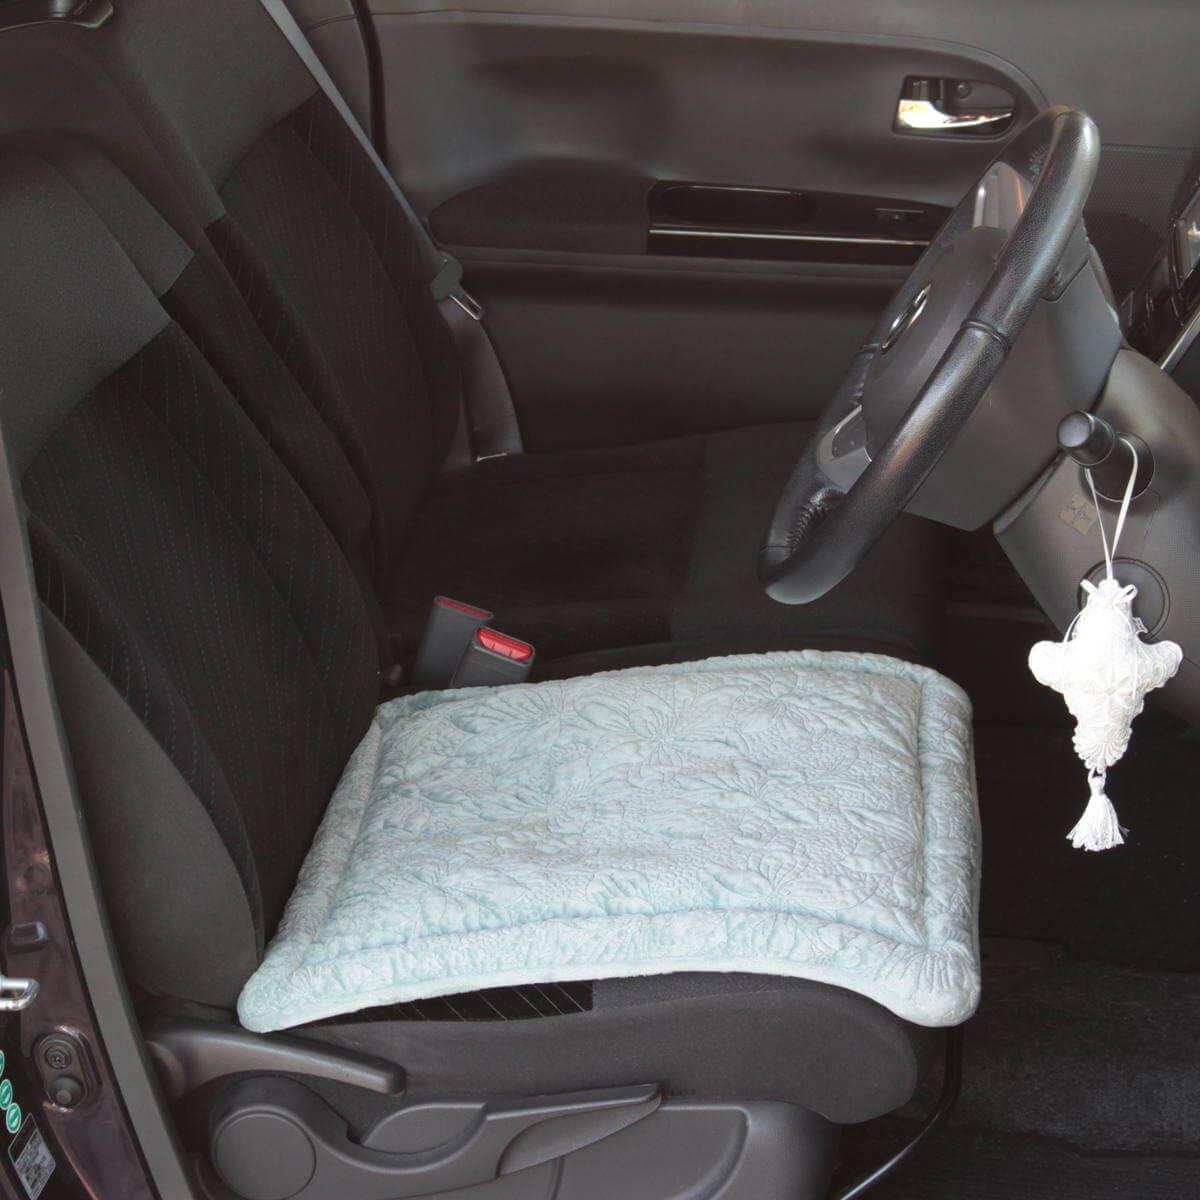 マイクロファイバー フランネルキルト マグノリア シリーズのシートクッションを軽ワゴン車の運転席に敷いてみました。